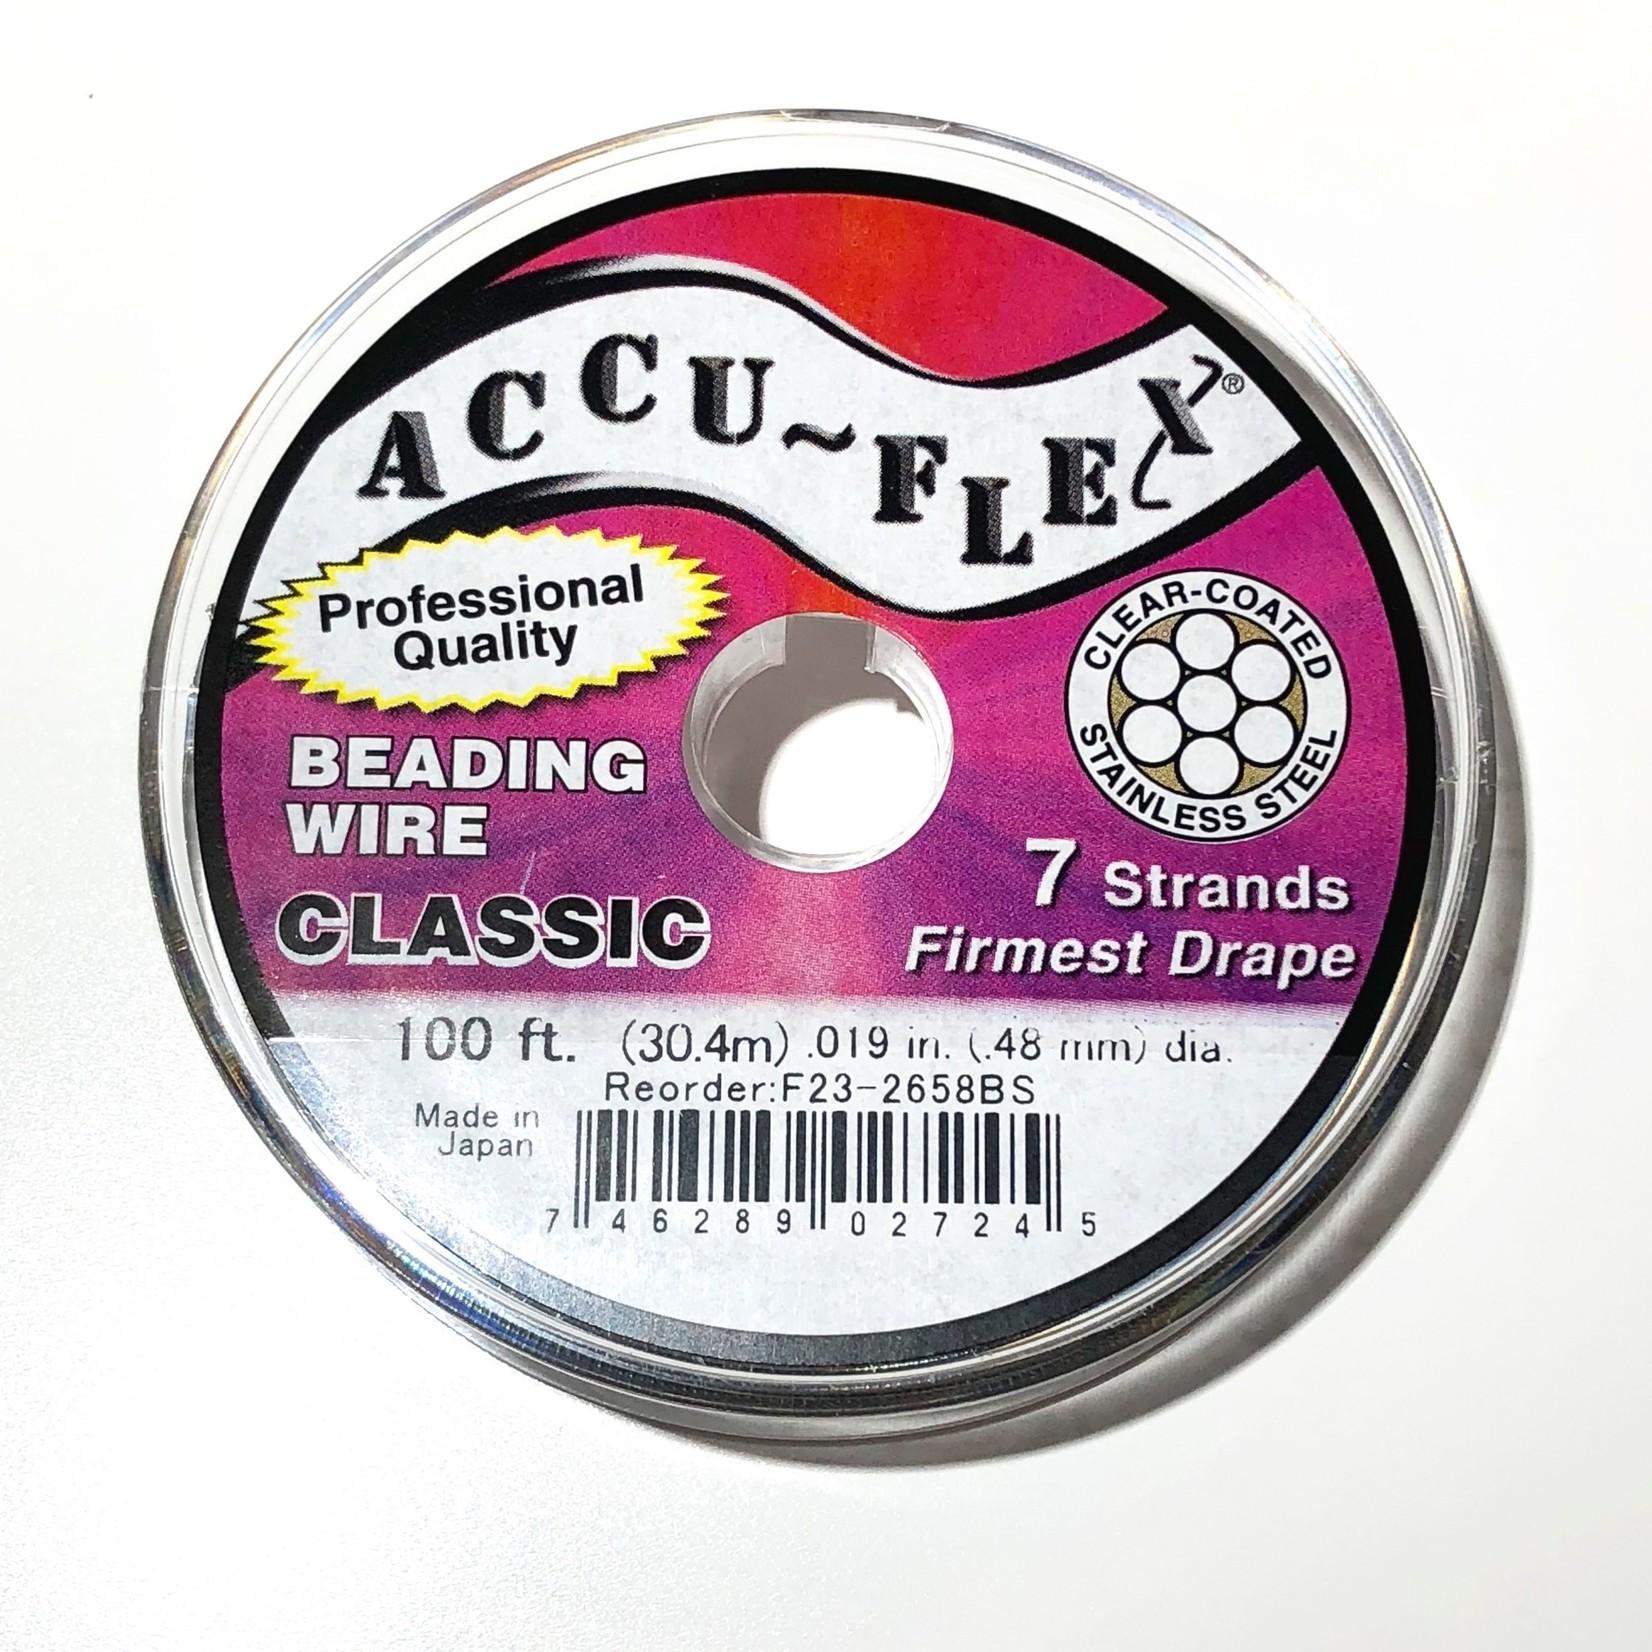 ACCU FLEX Bead Wire 7 Strand Classic 100Ft .019in